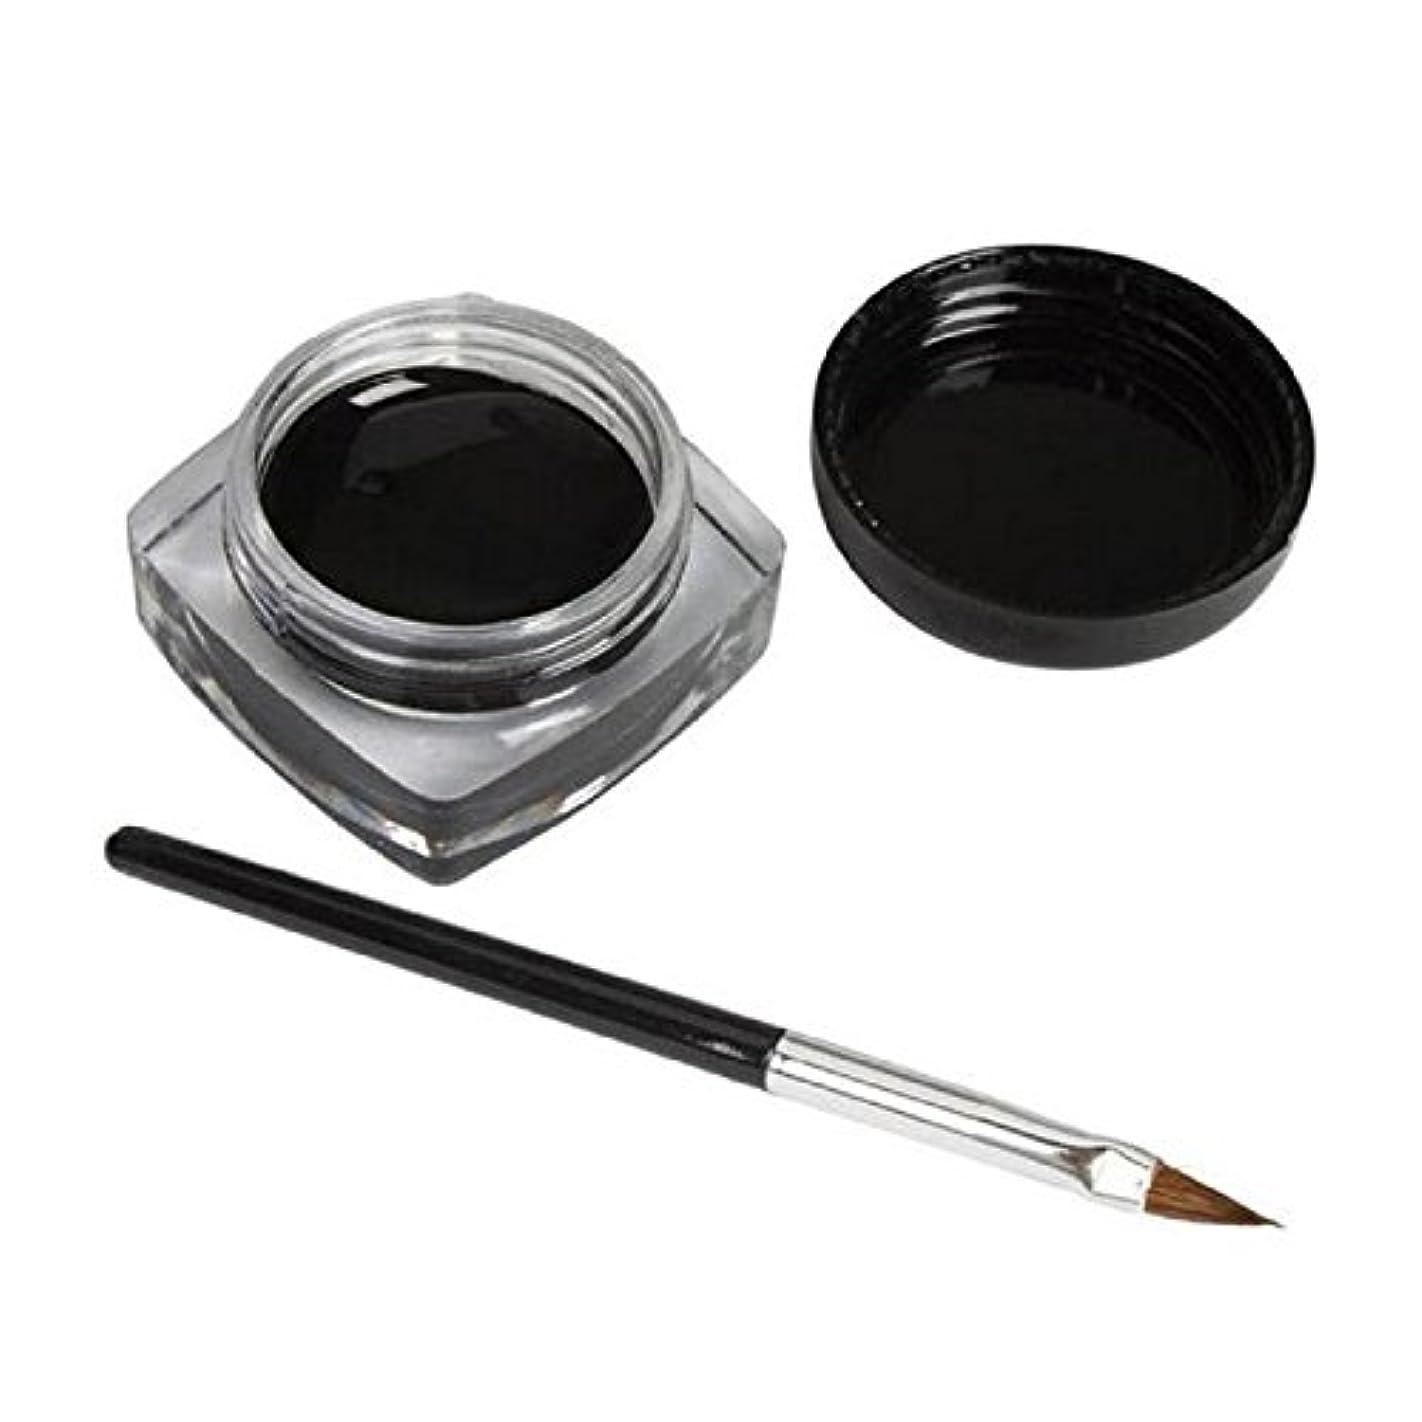 2pc ミニアイライナージェルクリーム YOKINO アイライナージェル 黒 ブラック 防水 アイライナー ペーストペン 長持ち メイク アイメイク 高品質 自然